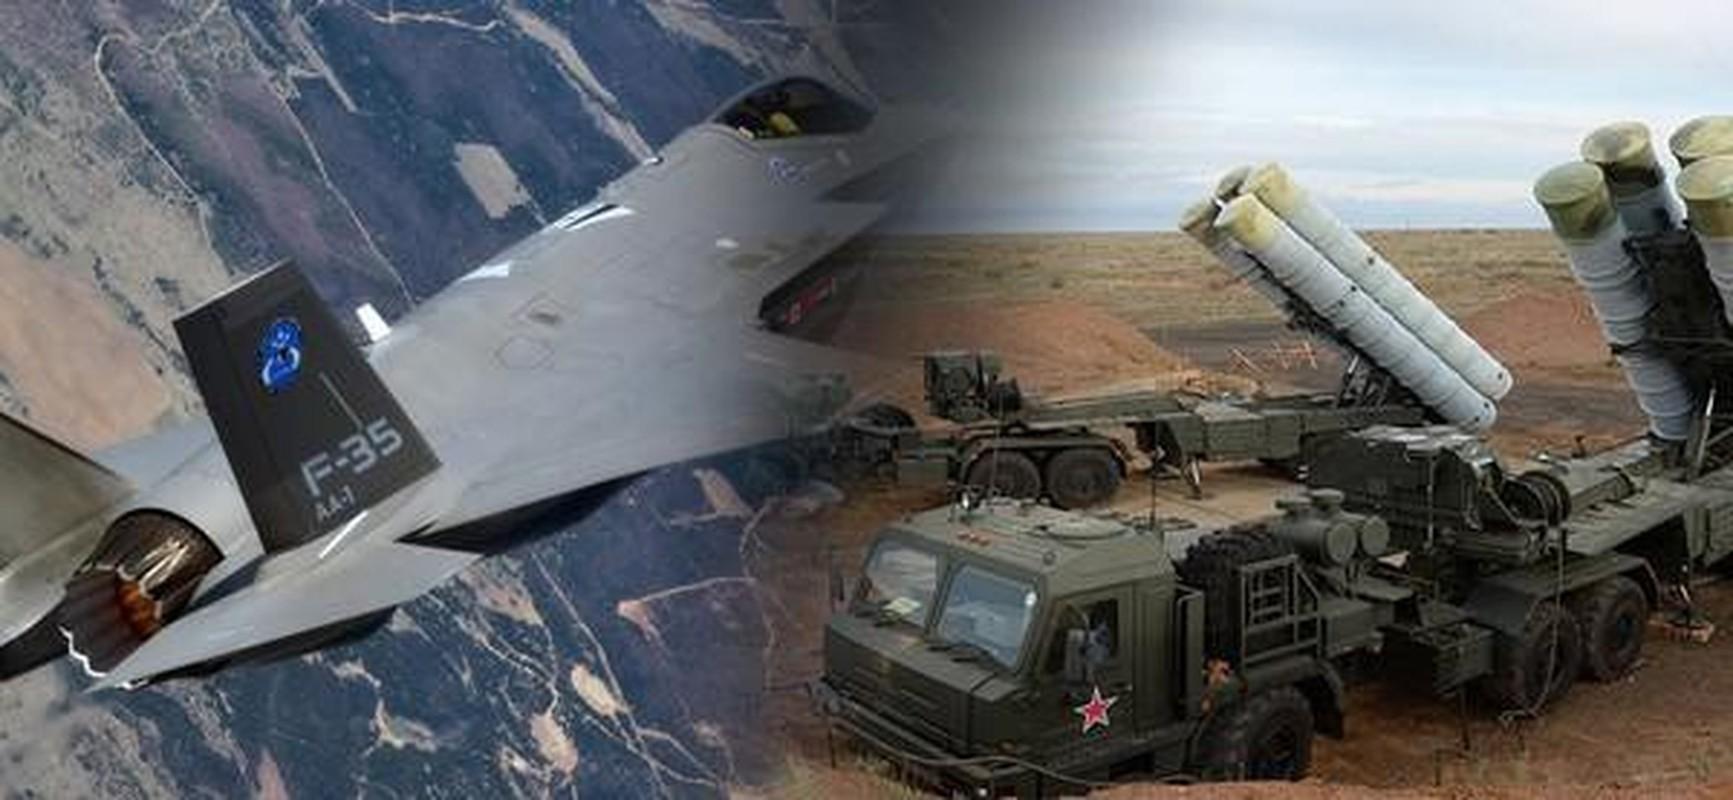 Tai sao phi cong F-35 duoc khuyen cao khong bay gan ten lua S-400?-Hinh-7